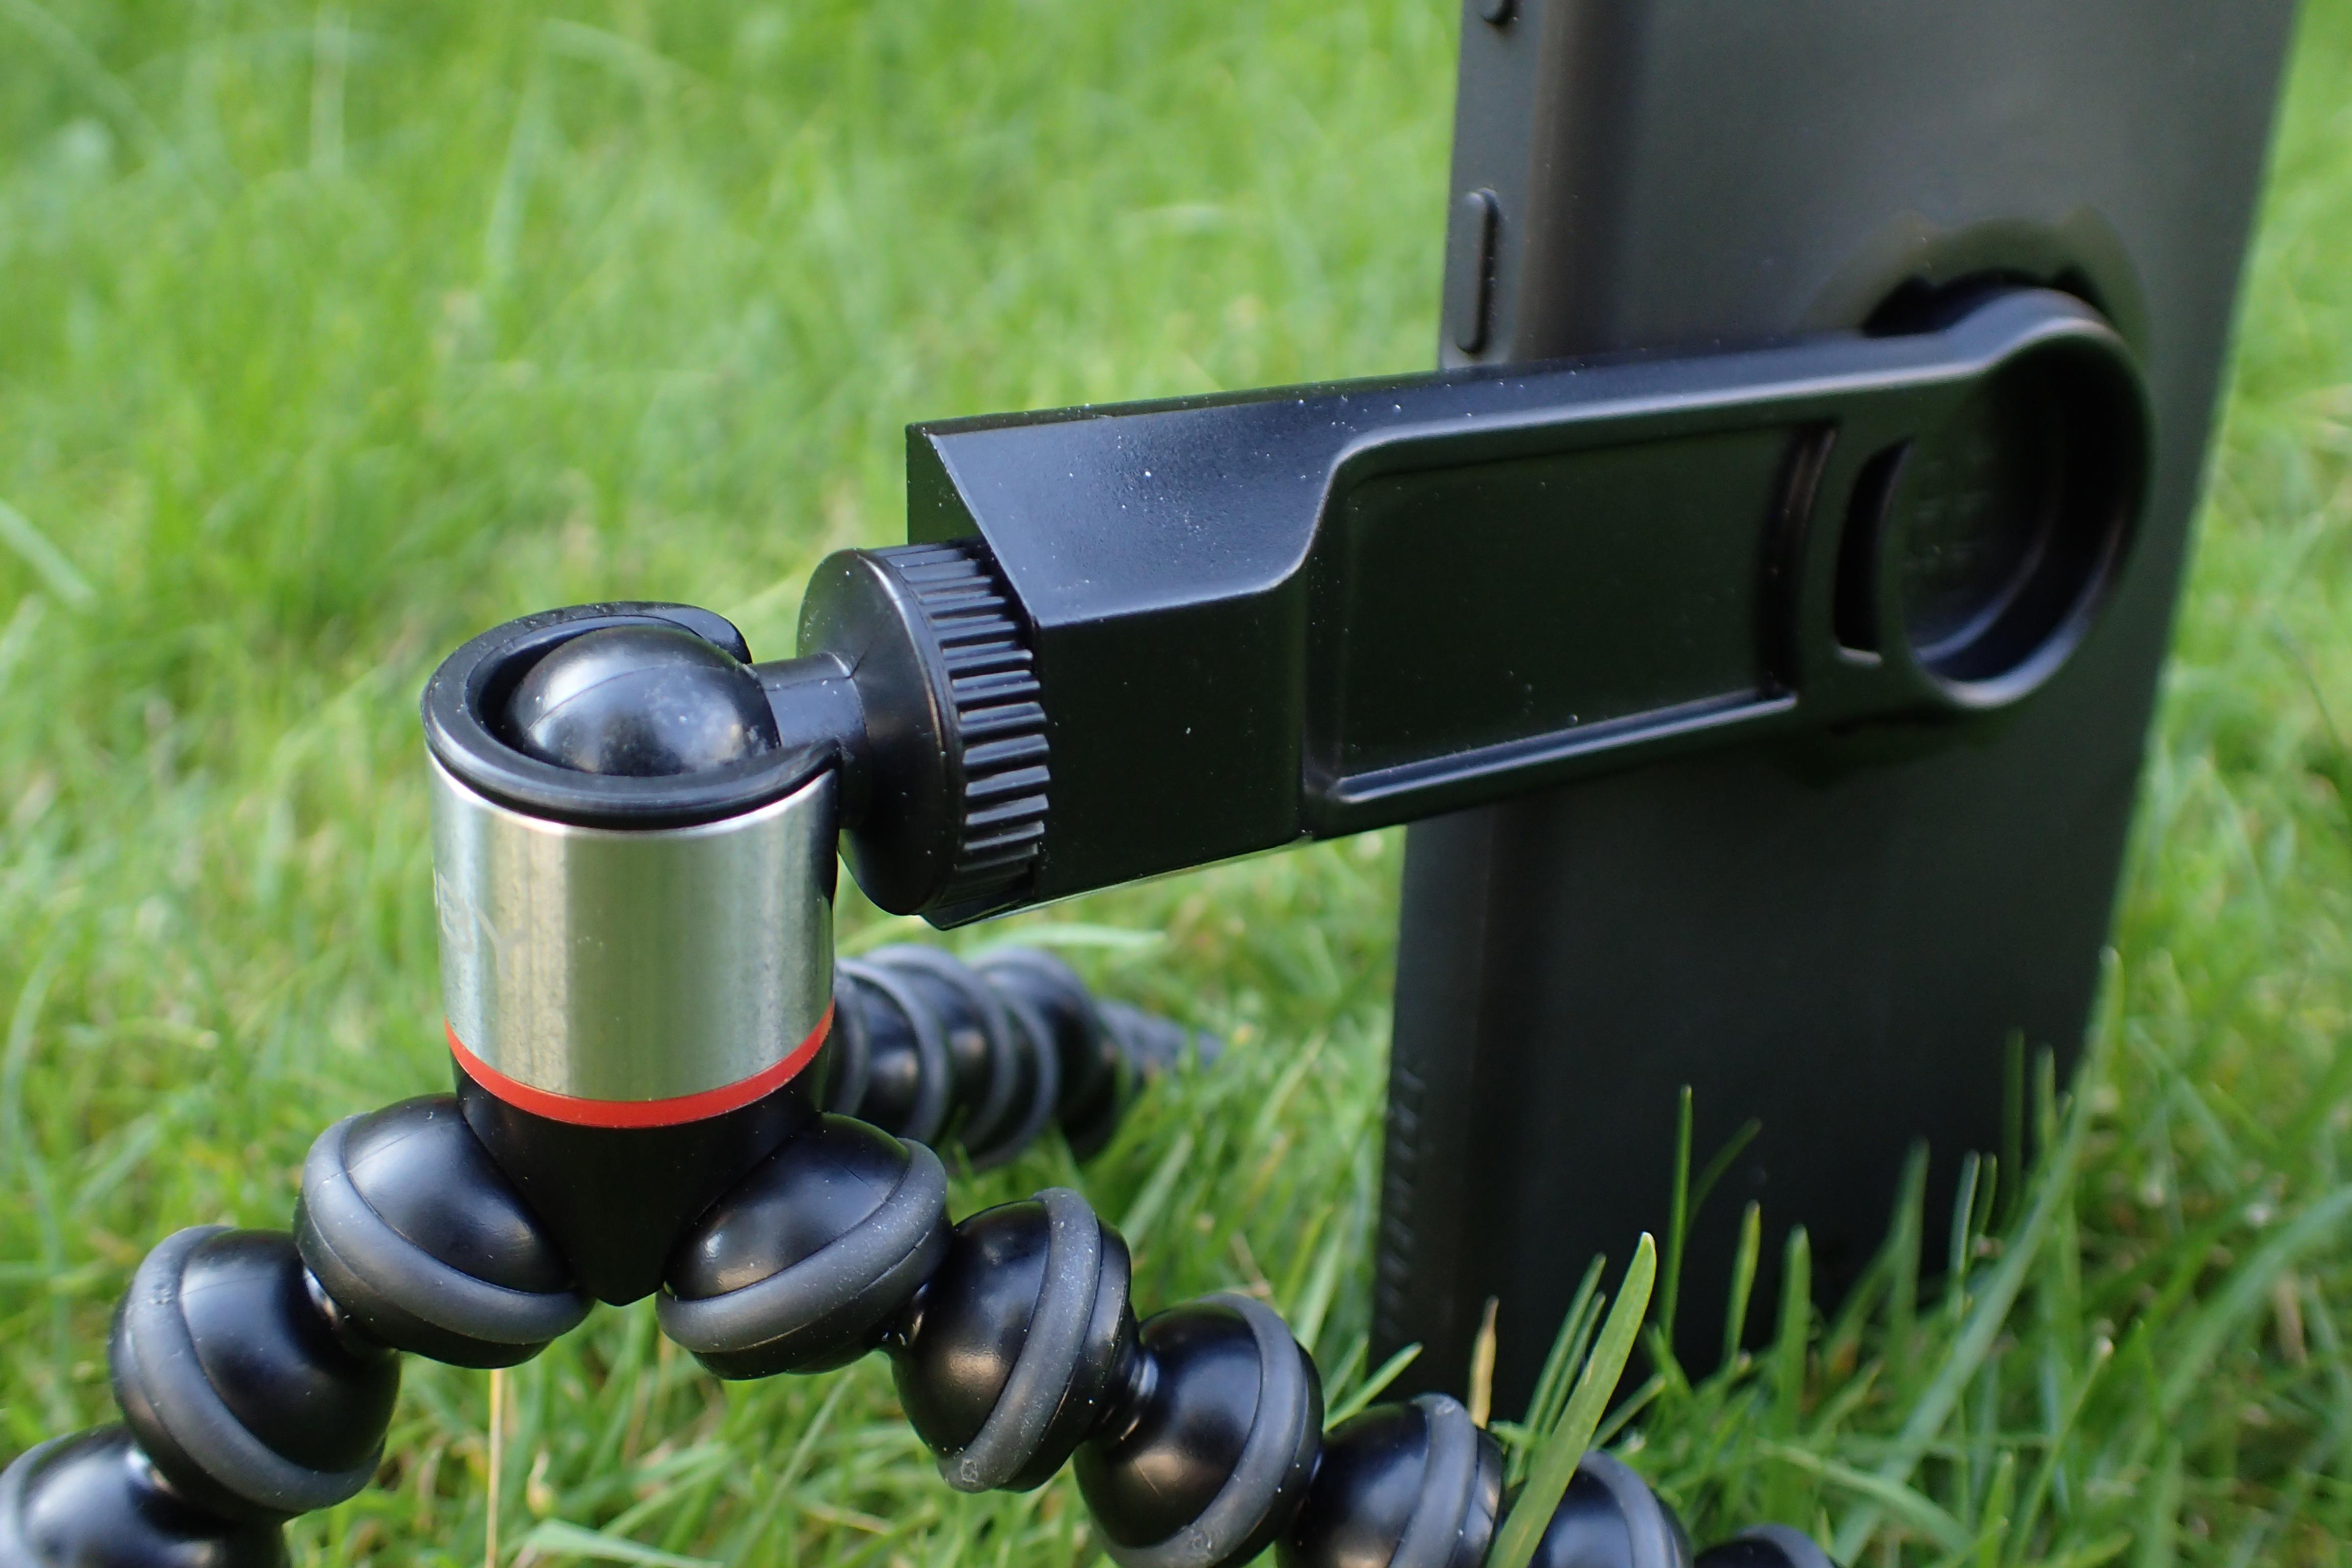 Ninety degree tilt on camera mount